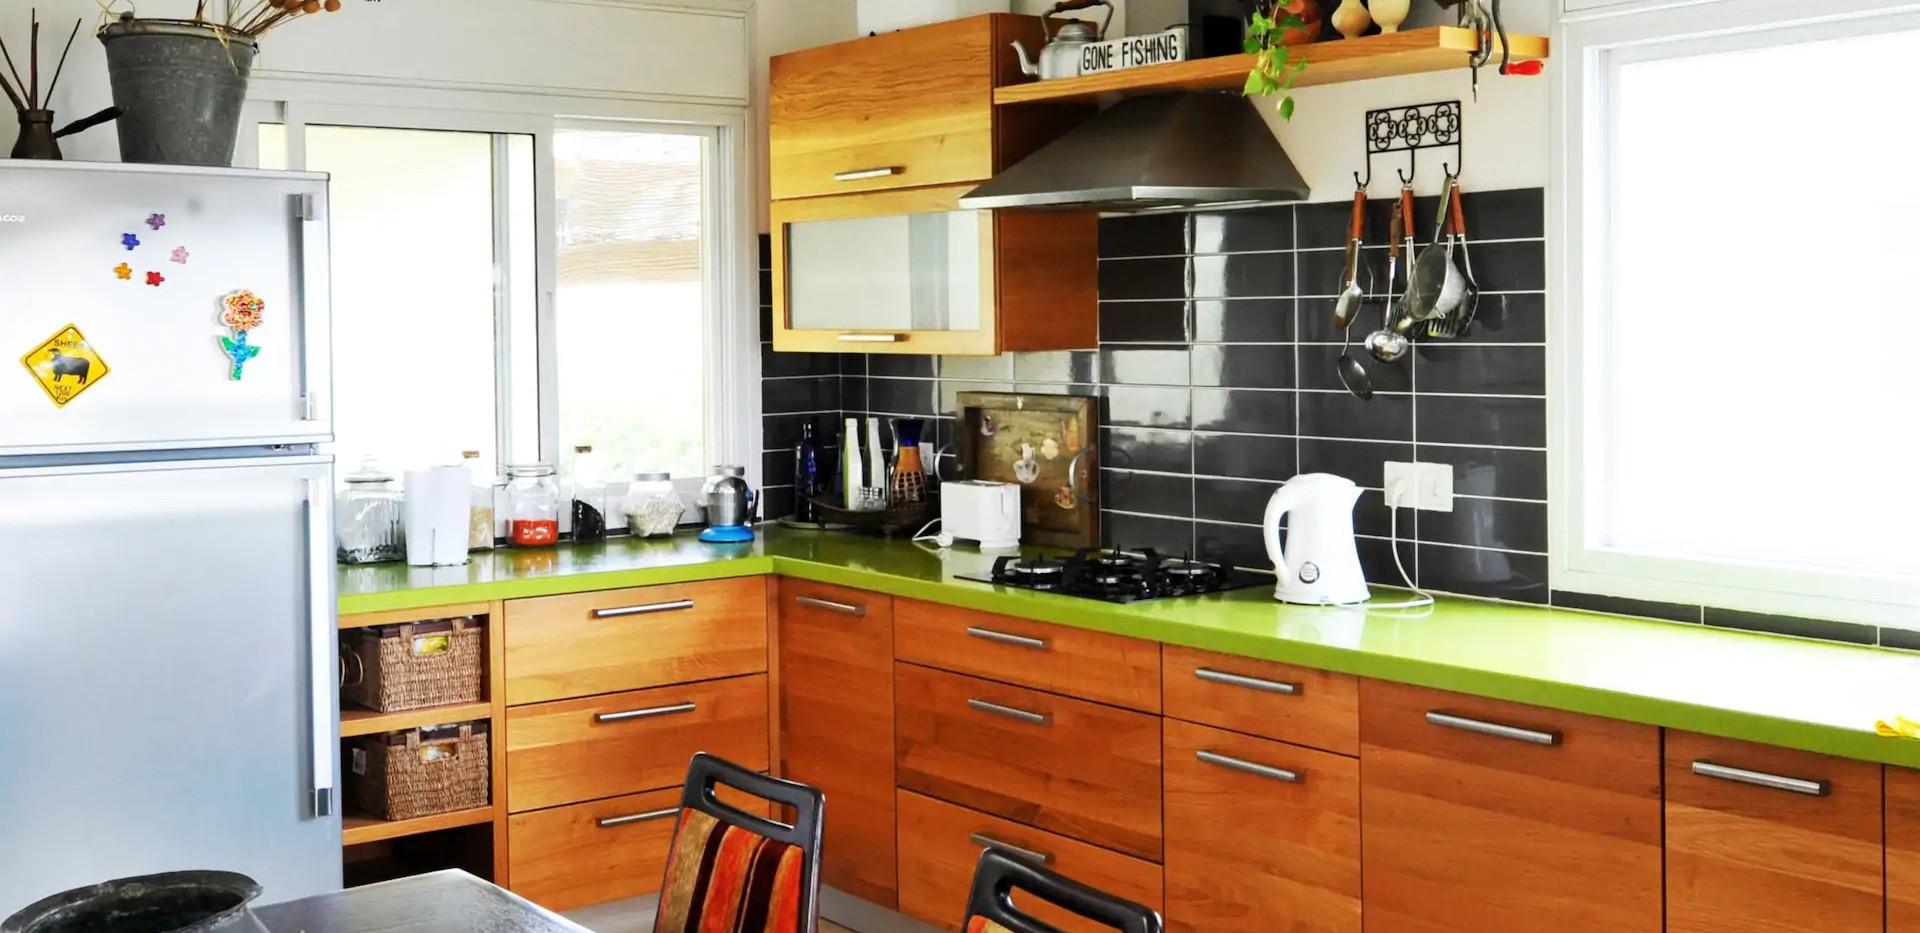 שולחן האוכל והמטבח המאובזר. The kitchen table and well equipped kitchen